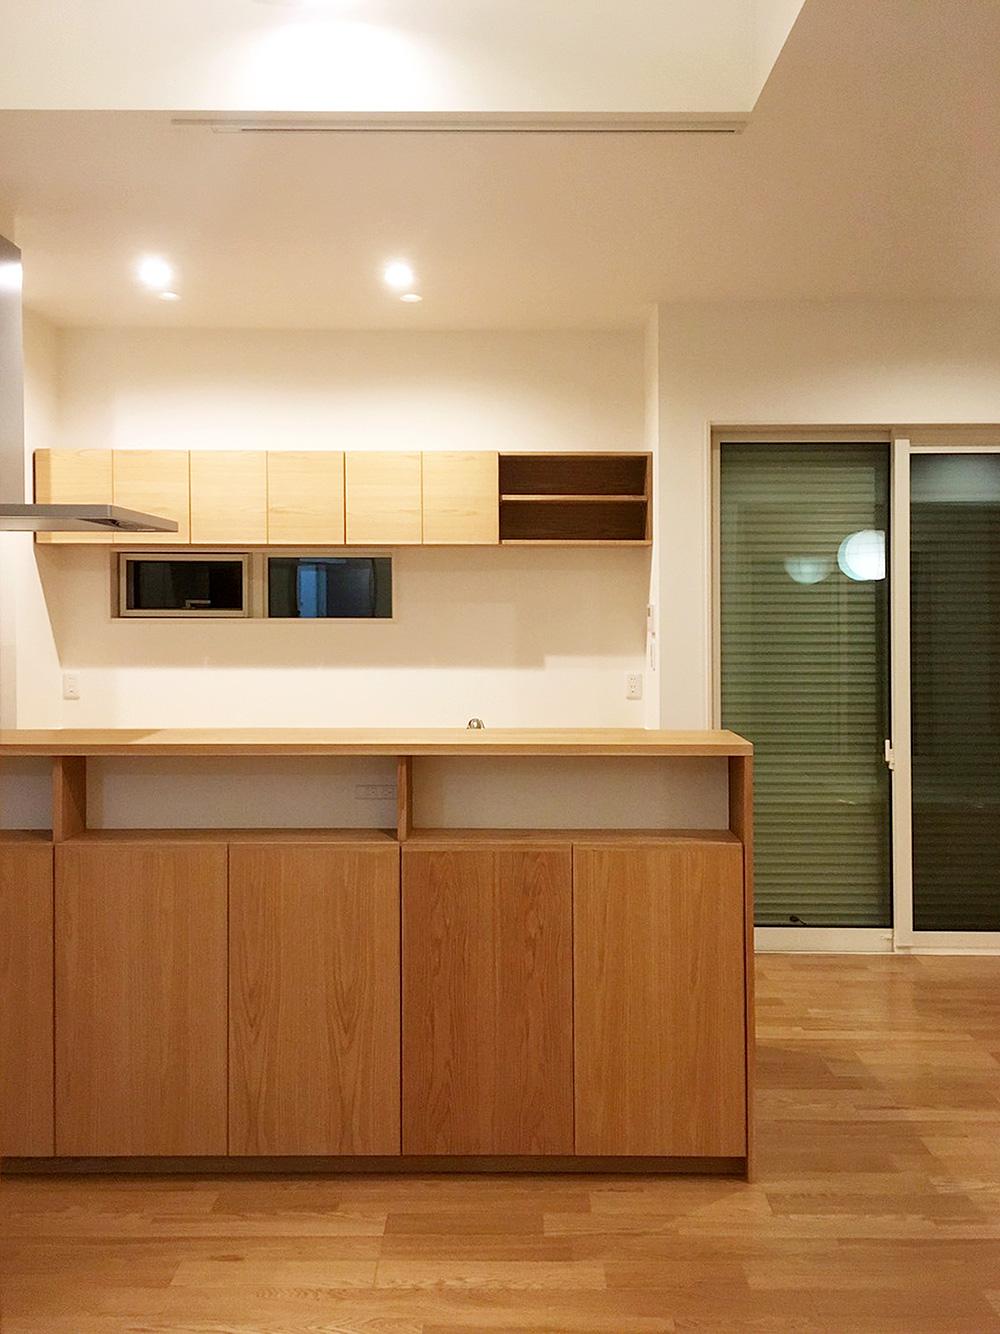 オーダー家具・キッチンカウンターとカップボード/関西・大阪・泉佐野